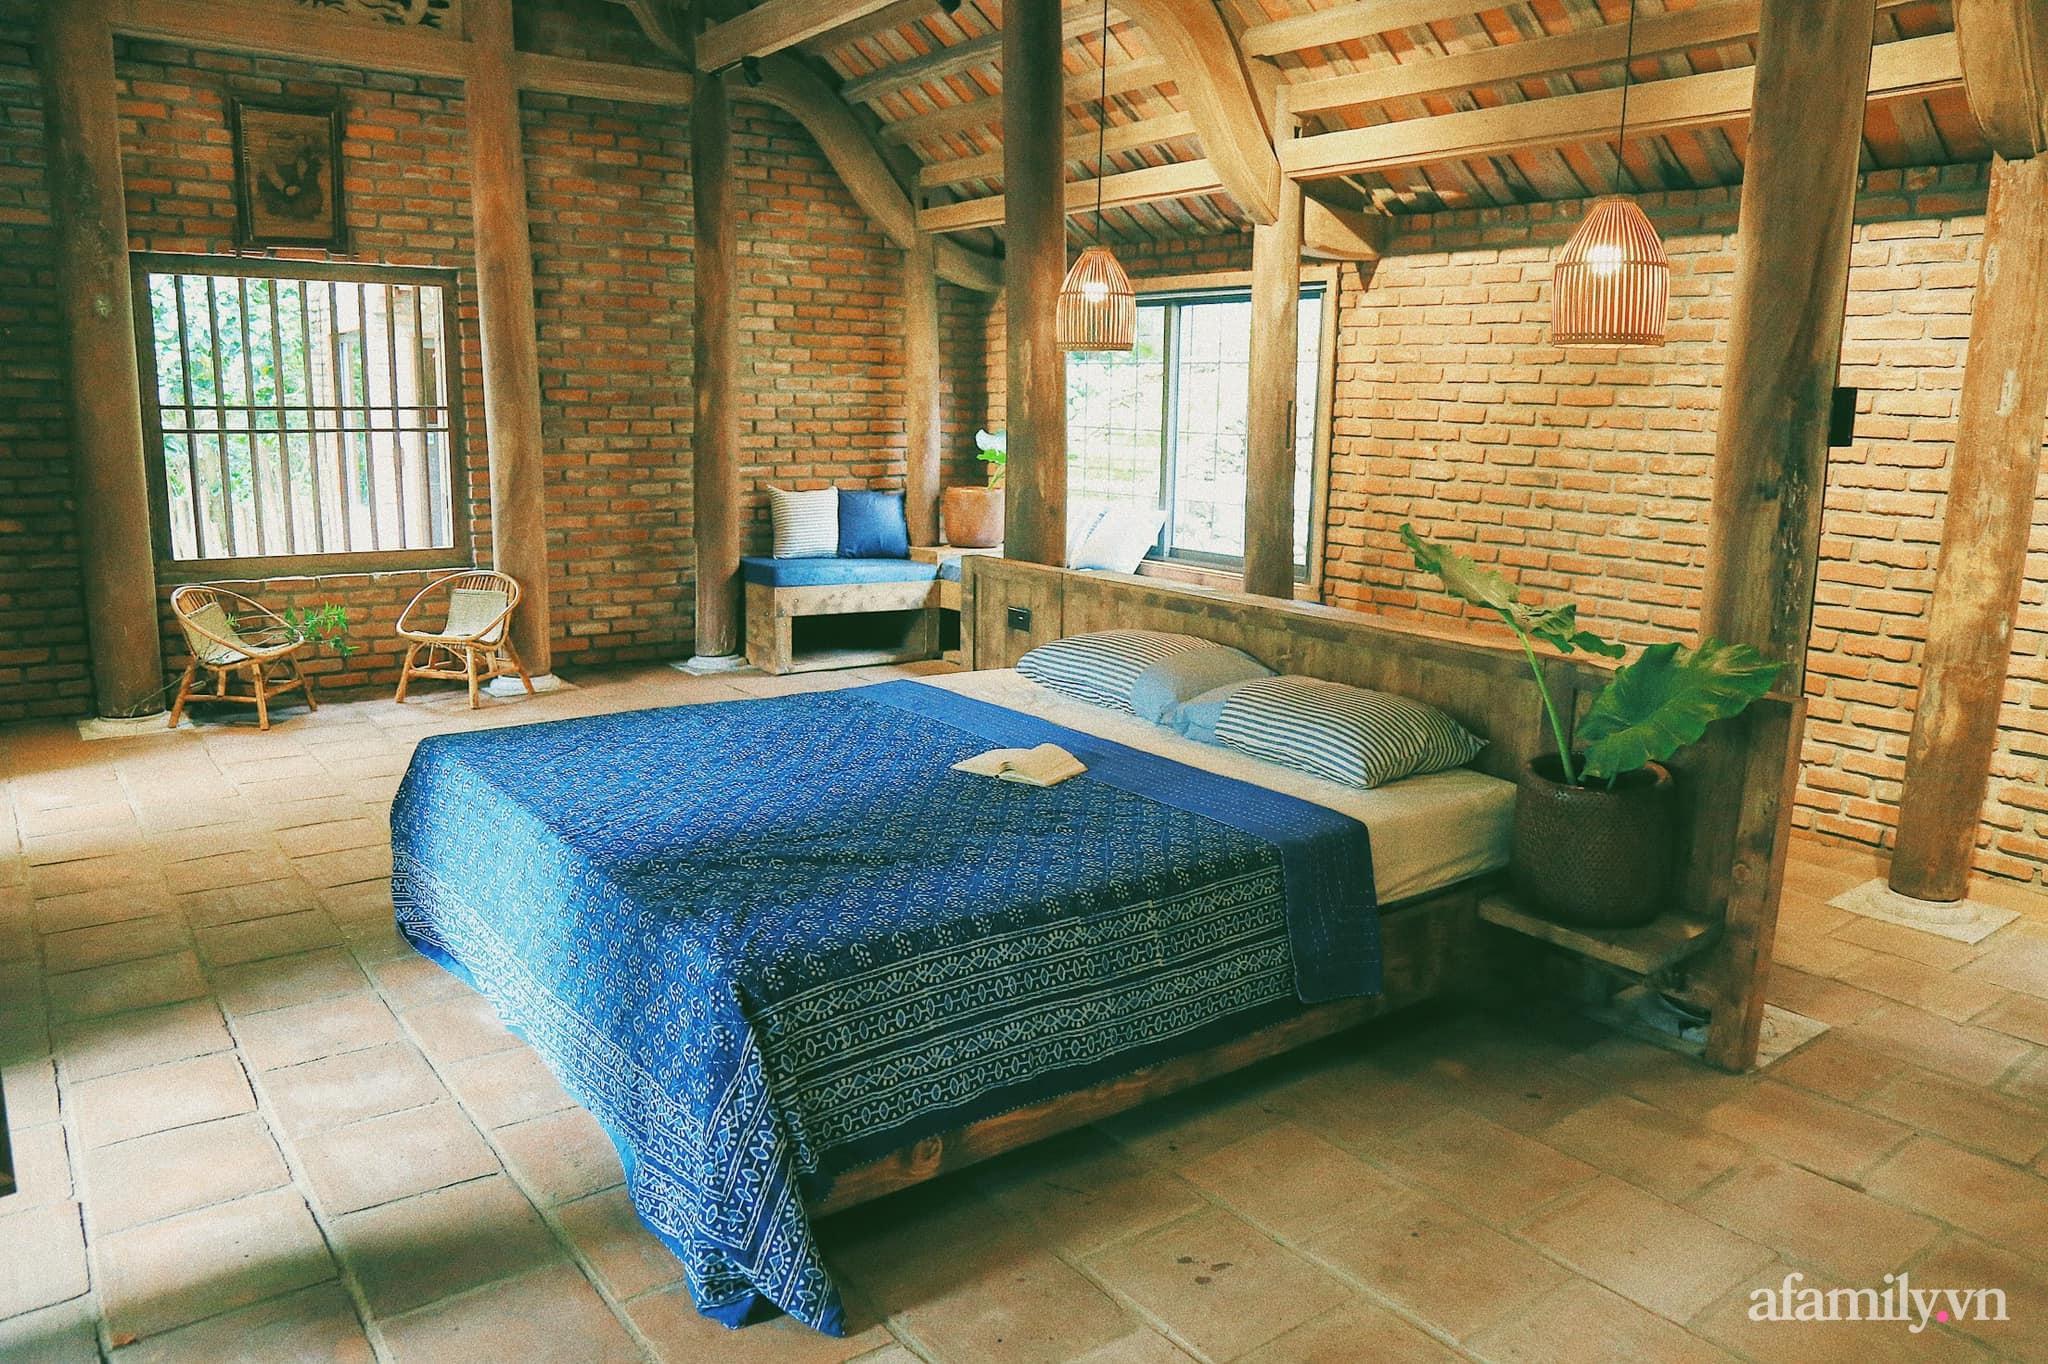 Cải tạo không gian rêu phong thành nhà vườn gói ghém những bình yên của người phụ nữ Hà Thành - Ảnh 21.